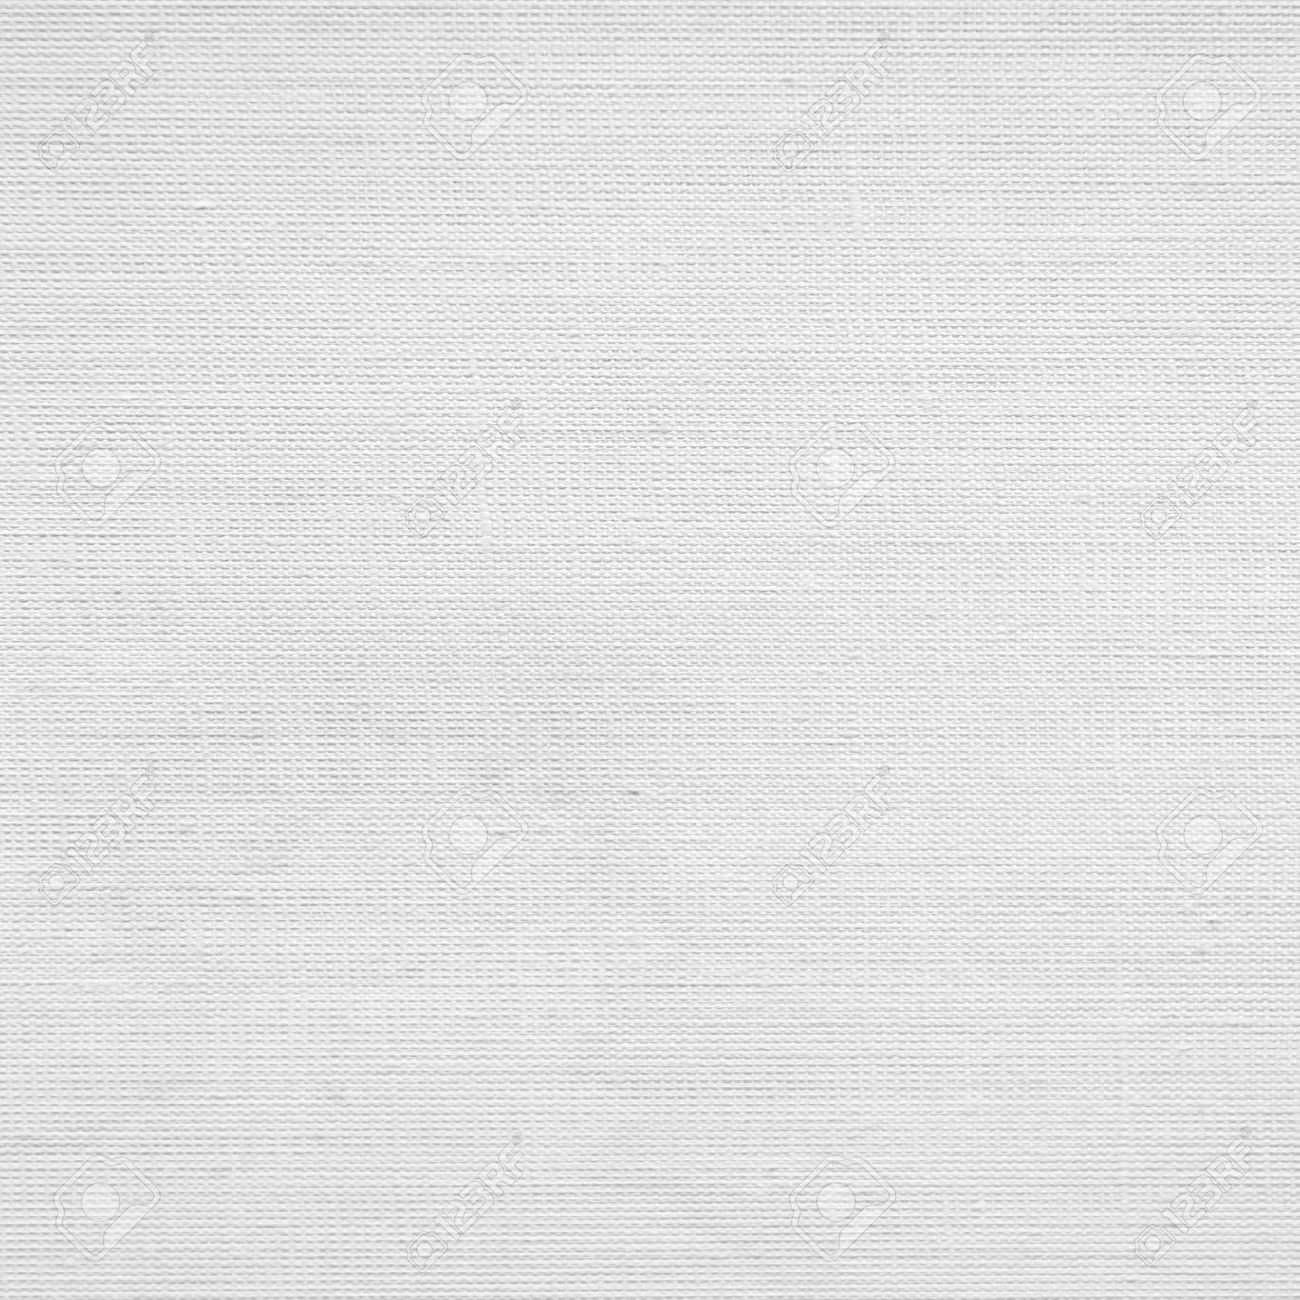 Wallpaper Design Best Canvas Textures Design Trends